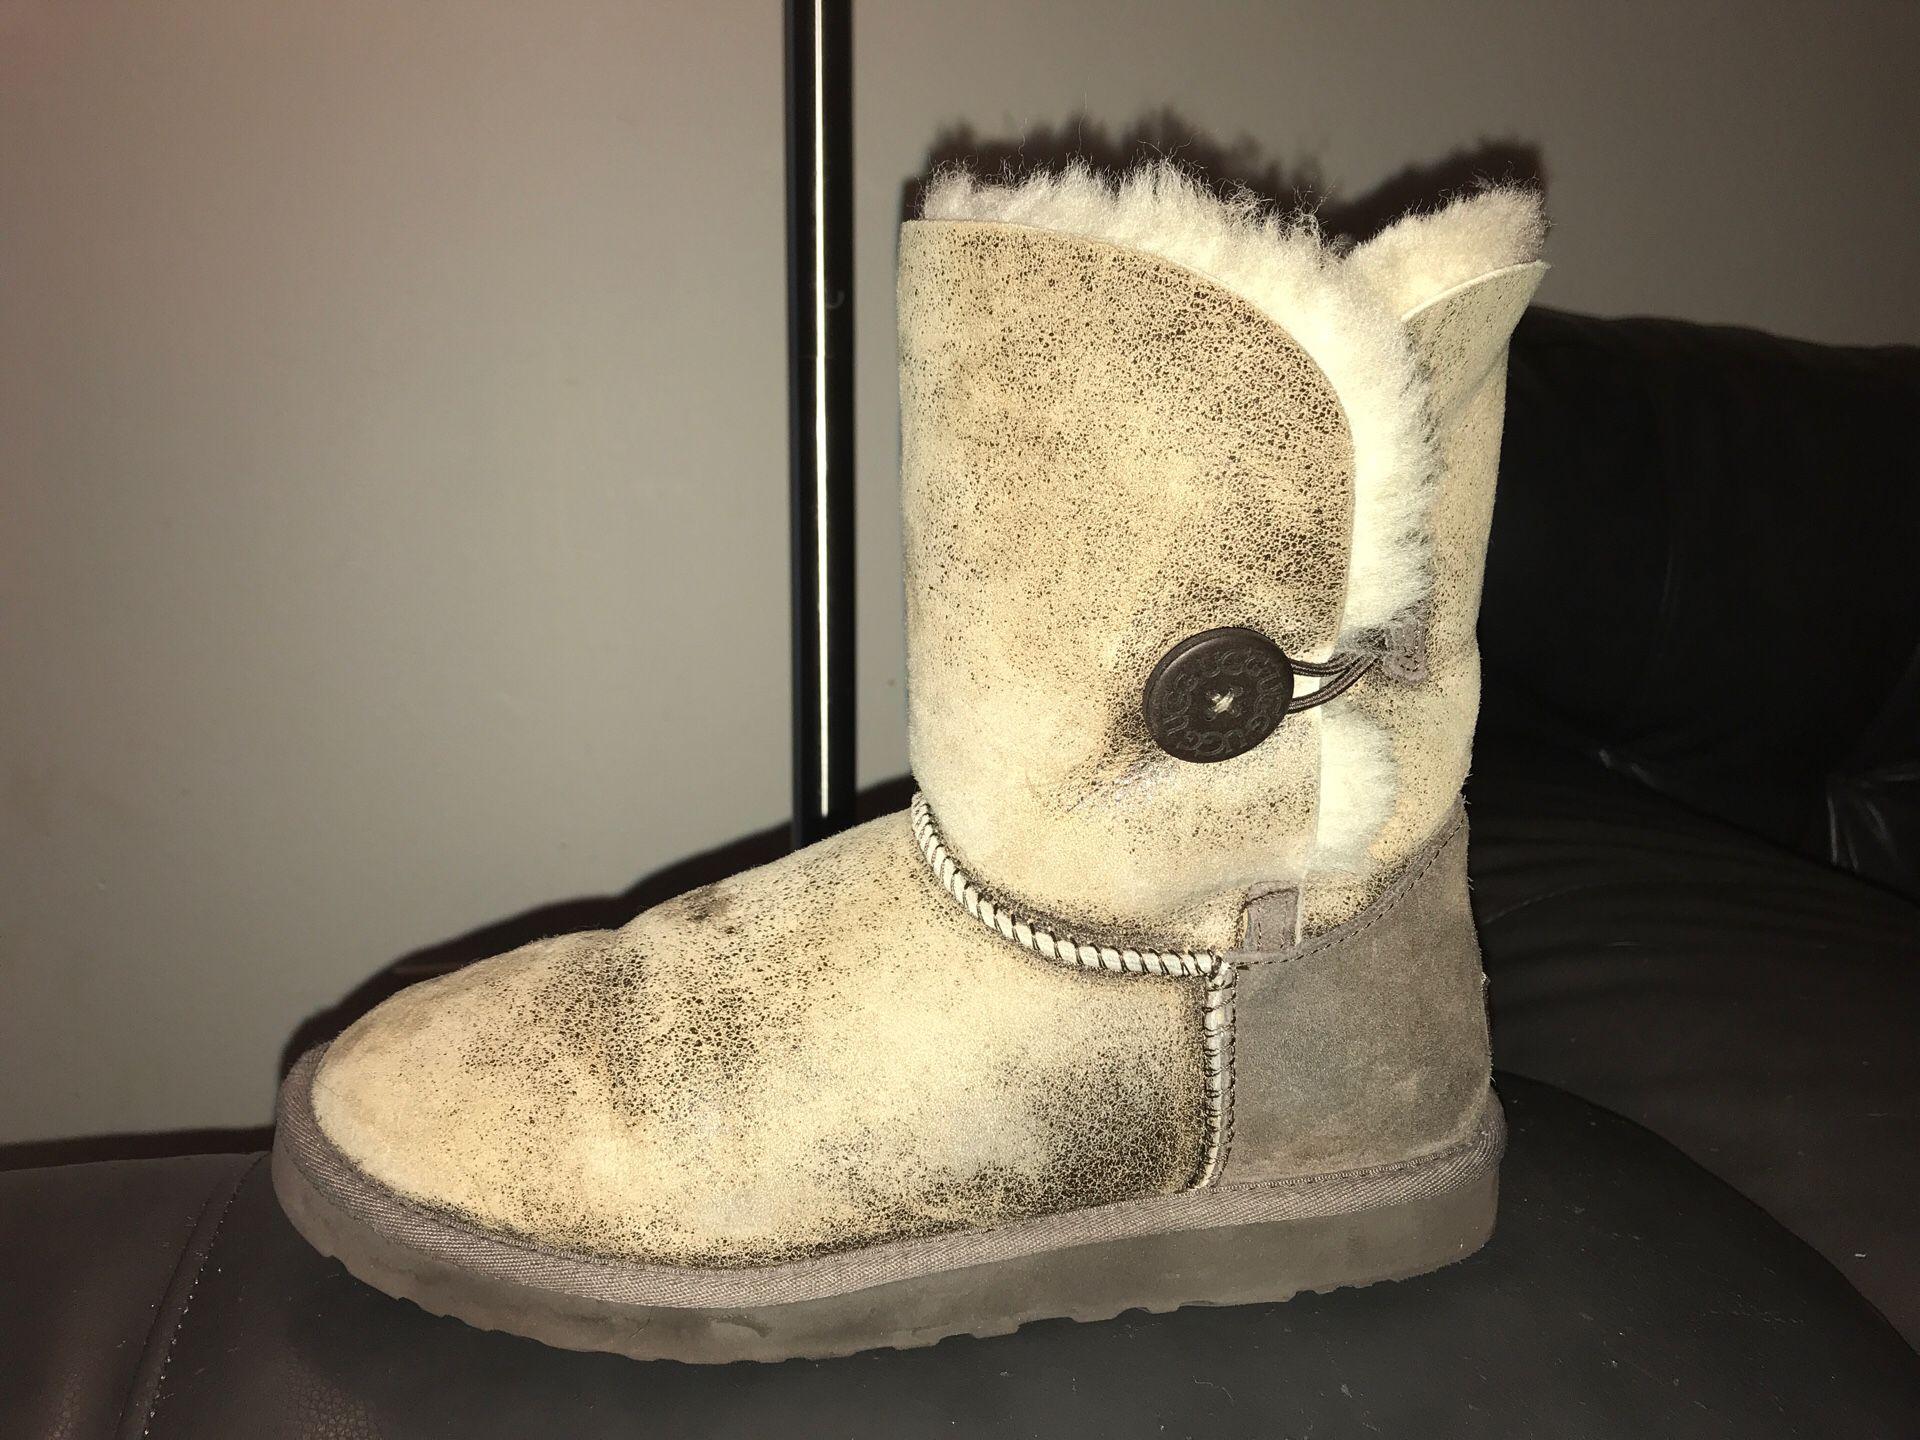 UGG Bailey Button Winter Boots Dark Chestnut Women's Size 10